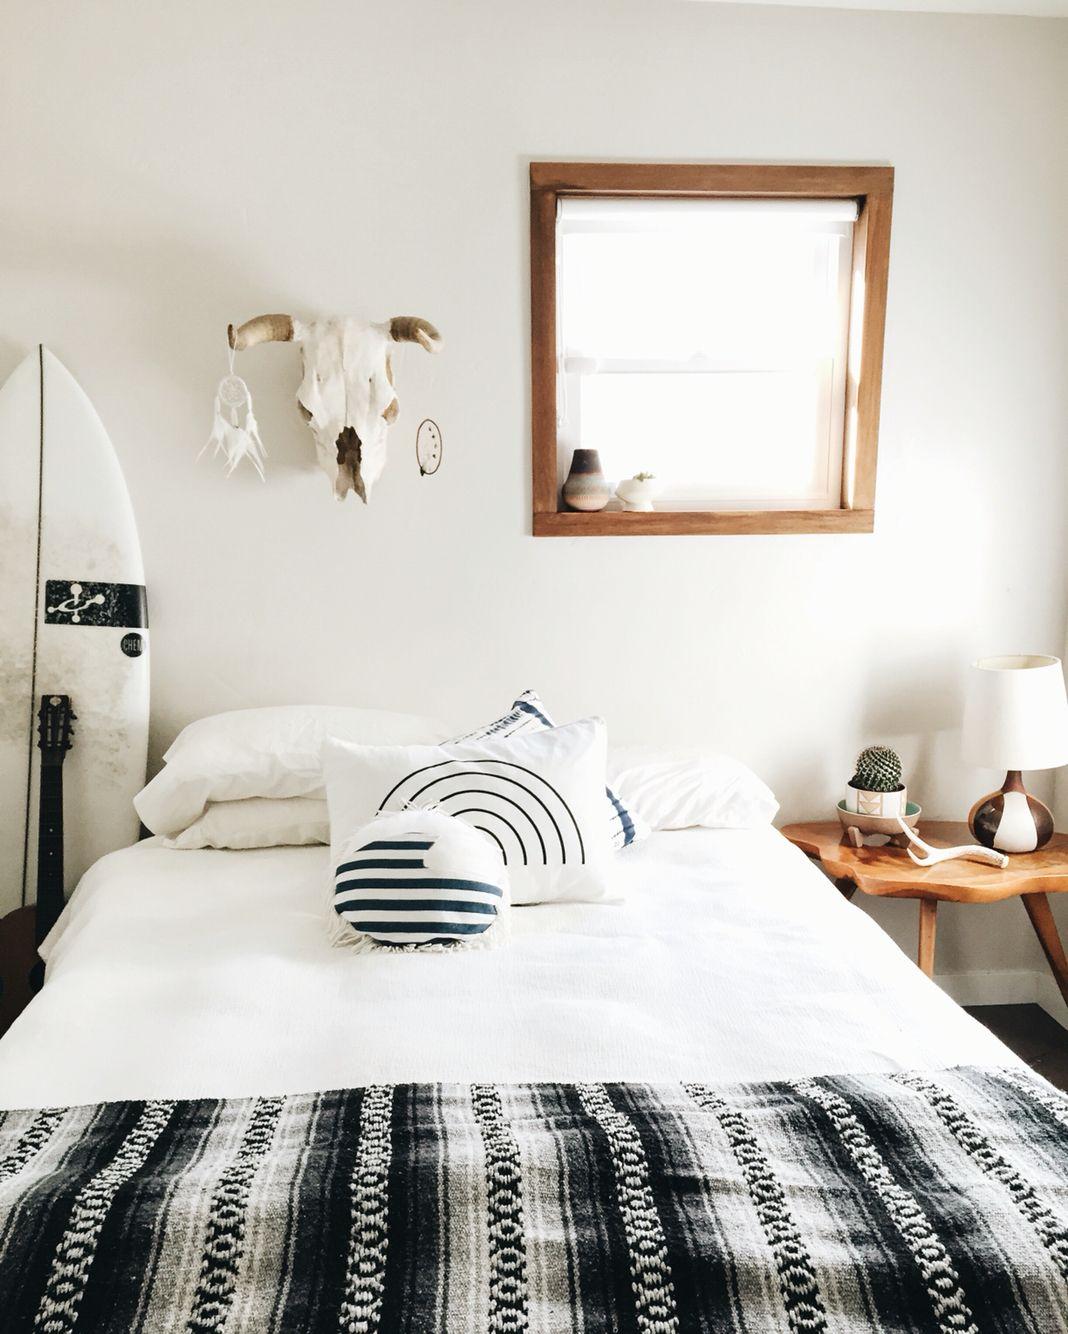 THE WHITECAP: Black, Grey & White Mexican Blanket